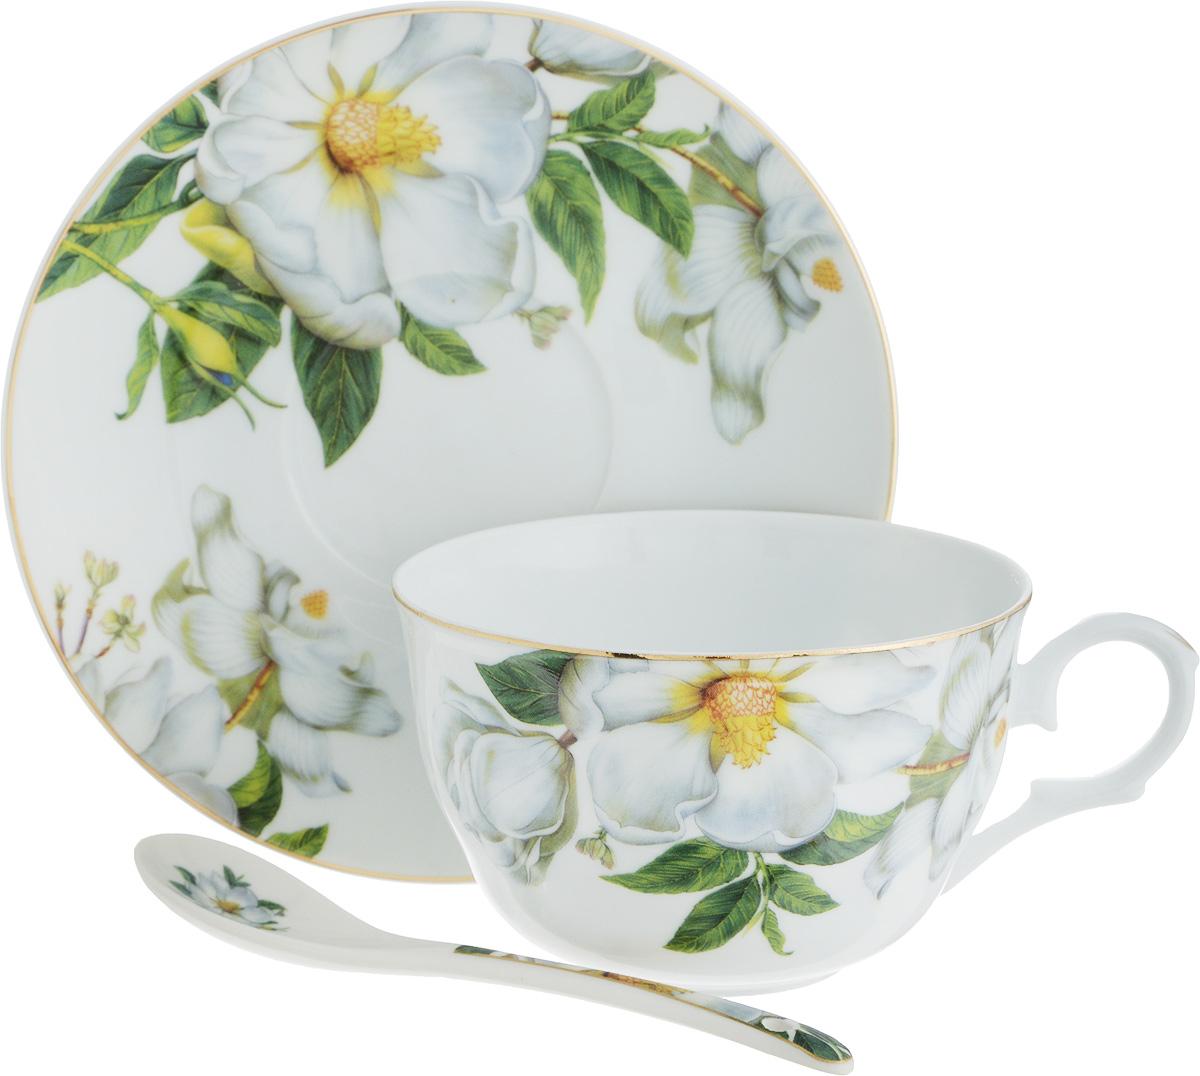 """Чайная пара Elan Gallery """"Шиповник"""" состоит из чашки, блюдца и ложечки, изготовленных из высококачественной керамики. Предметы набора оформлены изящным цветочным рисунком.  Чайная пара Elan Gallery """"Шиповник"""" украсит ваш кухонный стол, а также станет замечательным подарком друзьям и близким.  Изделие упаковано в подарочную коробку с атласной лентой.   Объем чашки: 250 мл. Диаметр чашки по верхнему краю: 9,5 см. Высота чашки: 6 см. Диаметр блюдца: 14 см. Длина ложки: 13 см."""